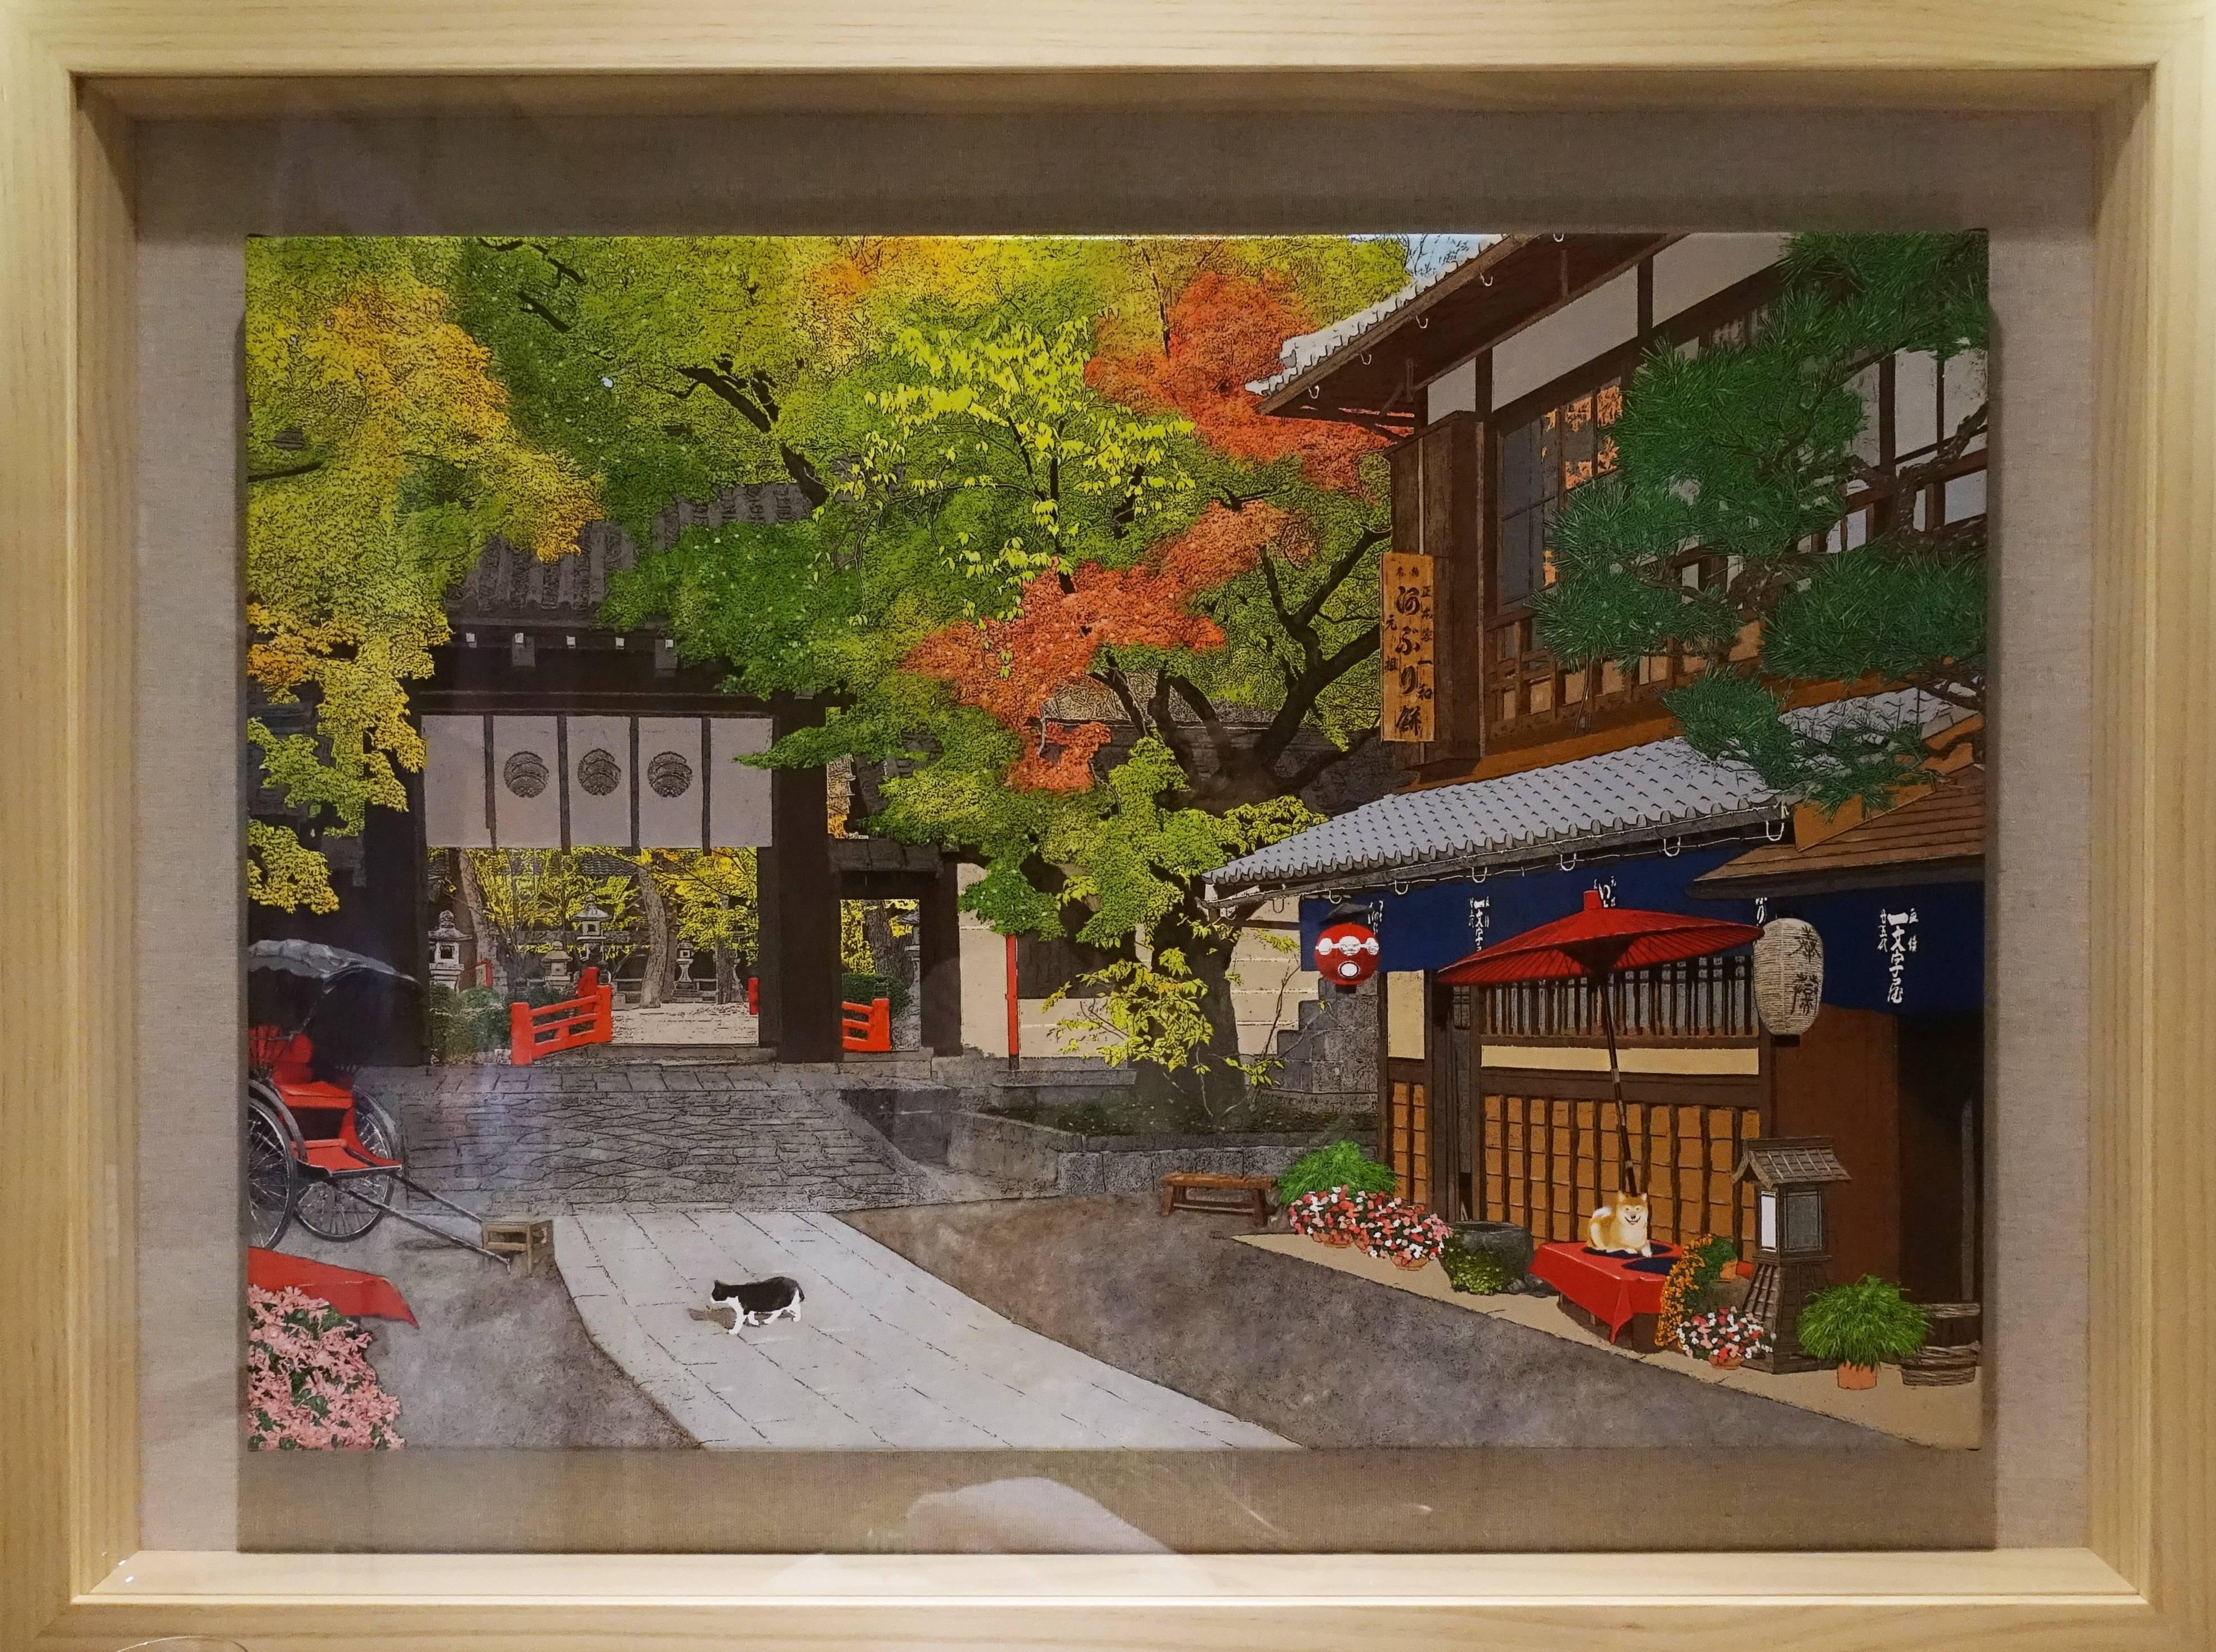 新藝藝術中心藝術家 - 林宗範《金楓紅葉映秋日》,65 x48 cm ,壓克力顏料、畫布,2019。